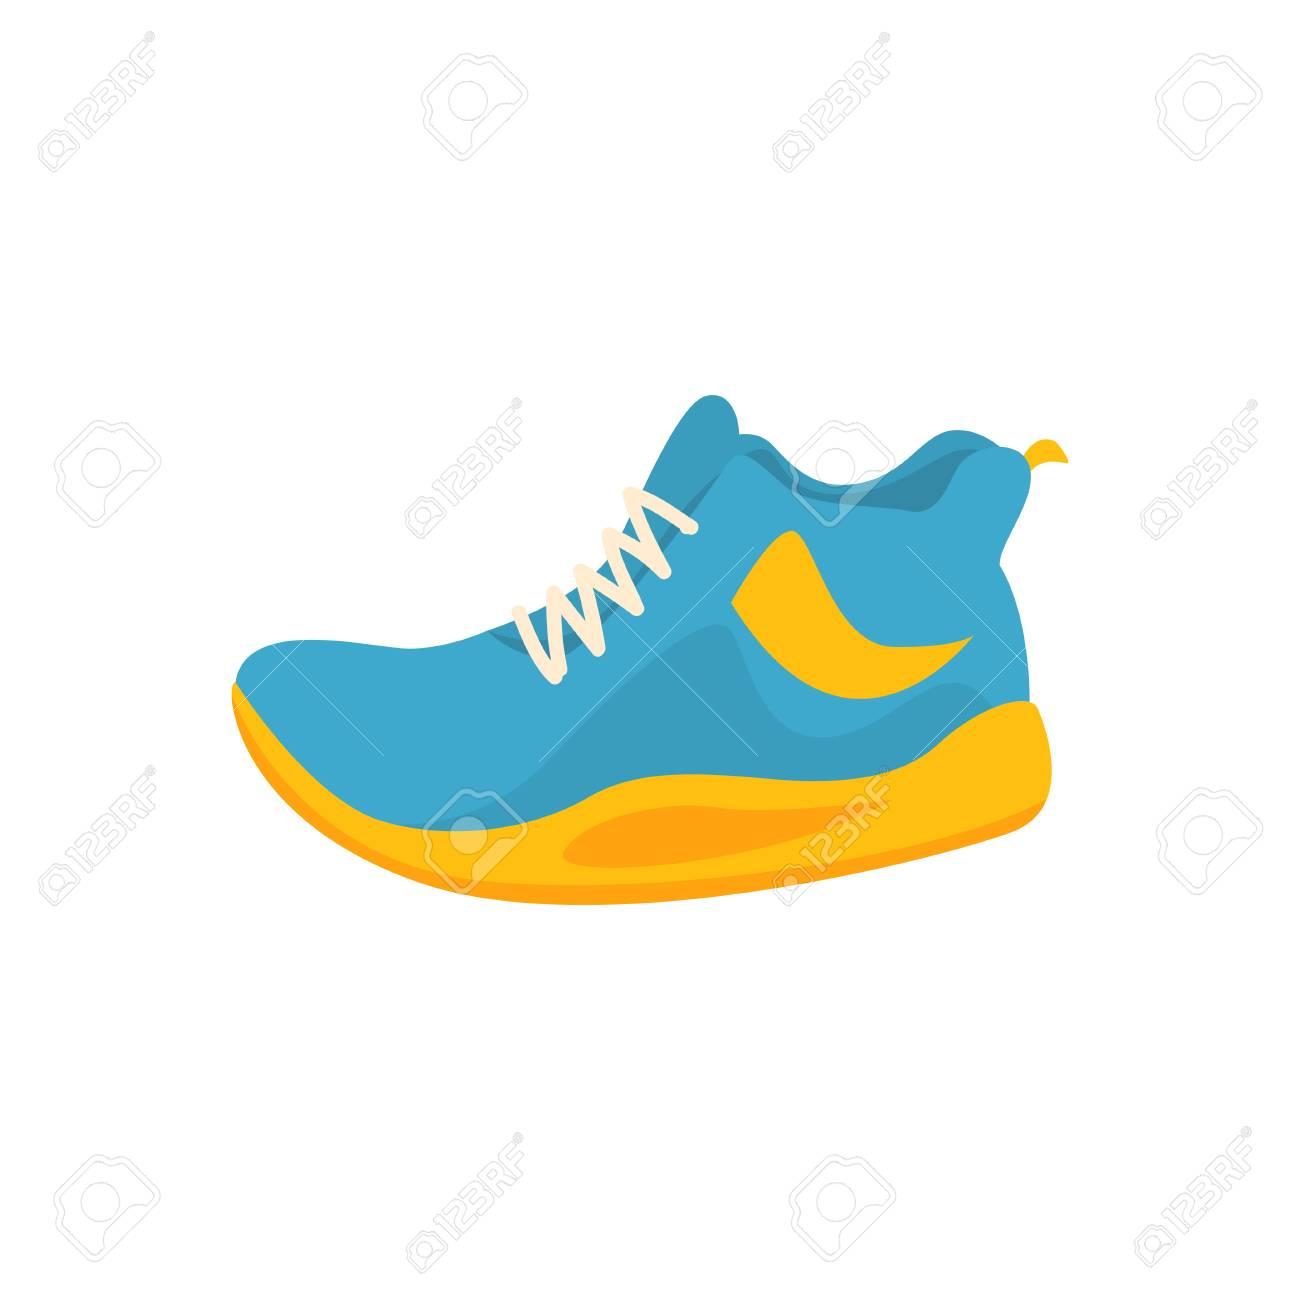 Icône de baskets sport bleu et jaune dans un style plat. Chaussures de fitness pour le jeu actif. Chaussures pour courir, s'entraîner, volleyball. ?